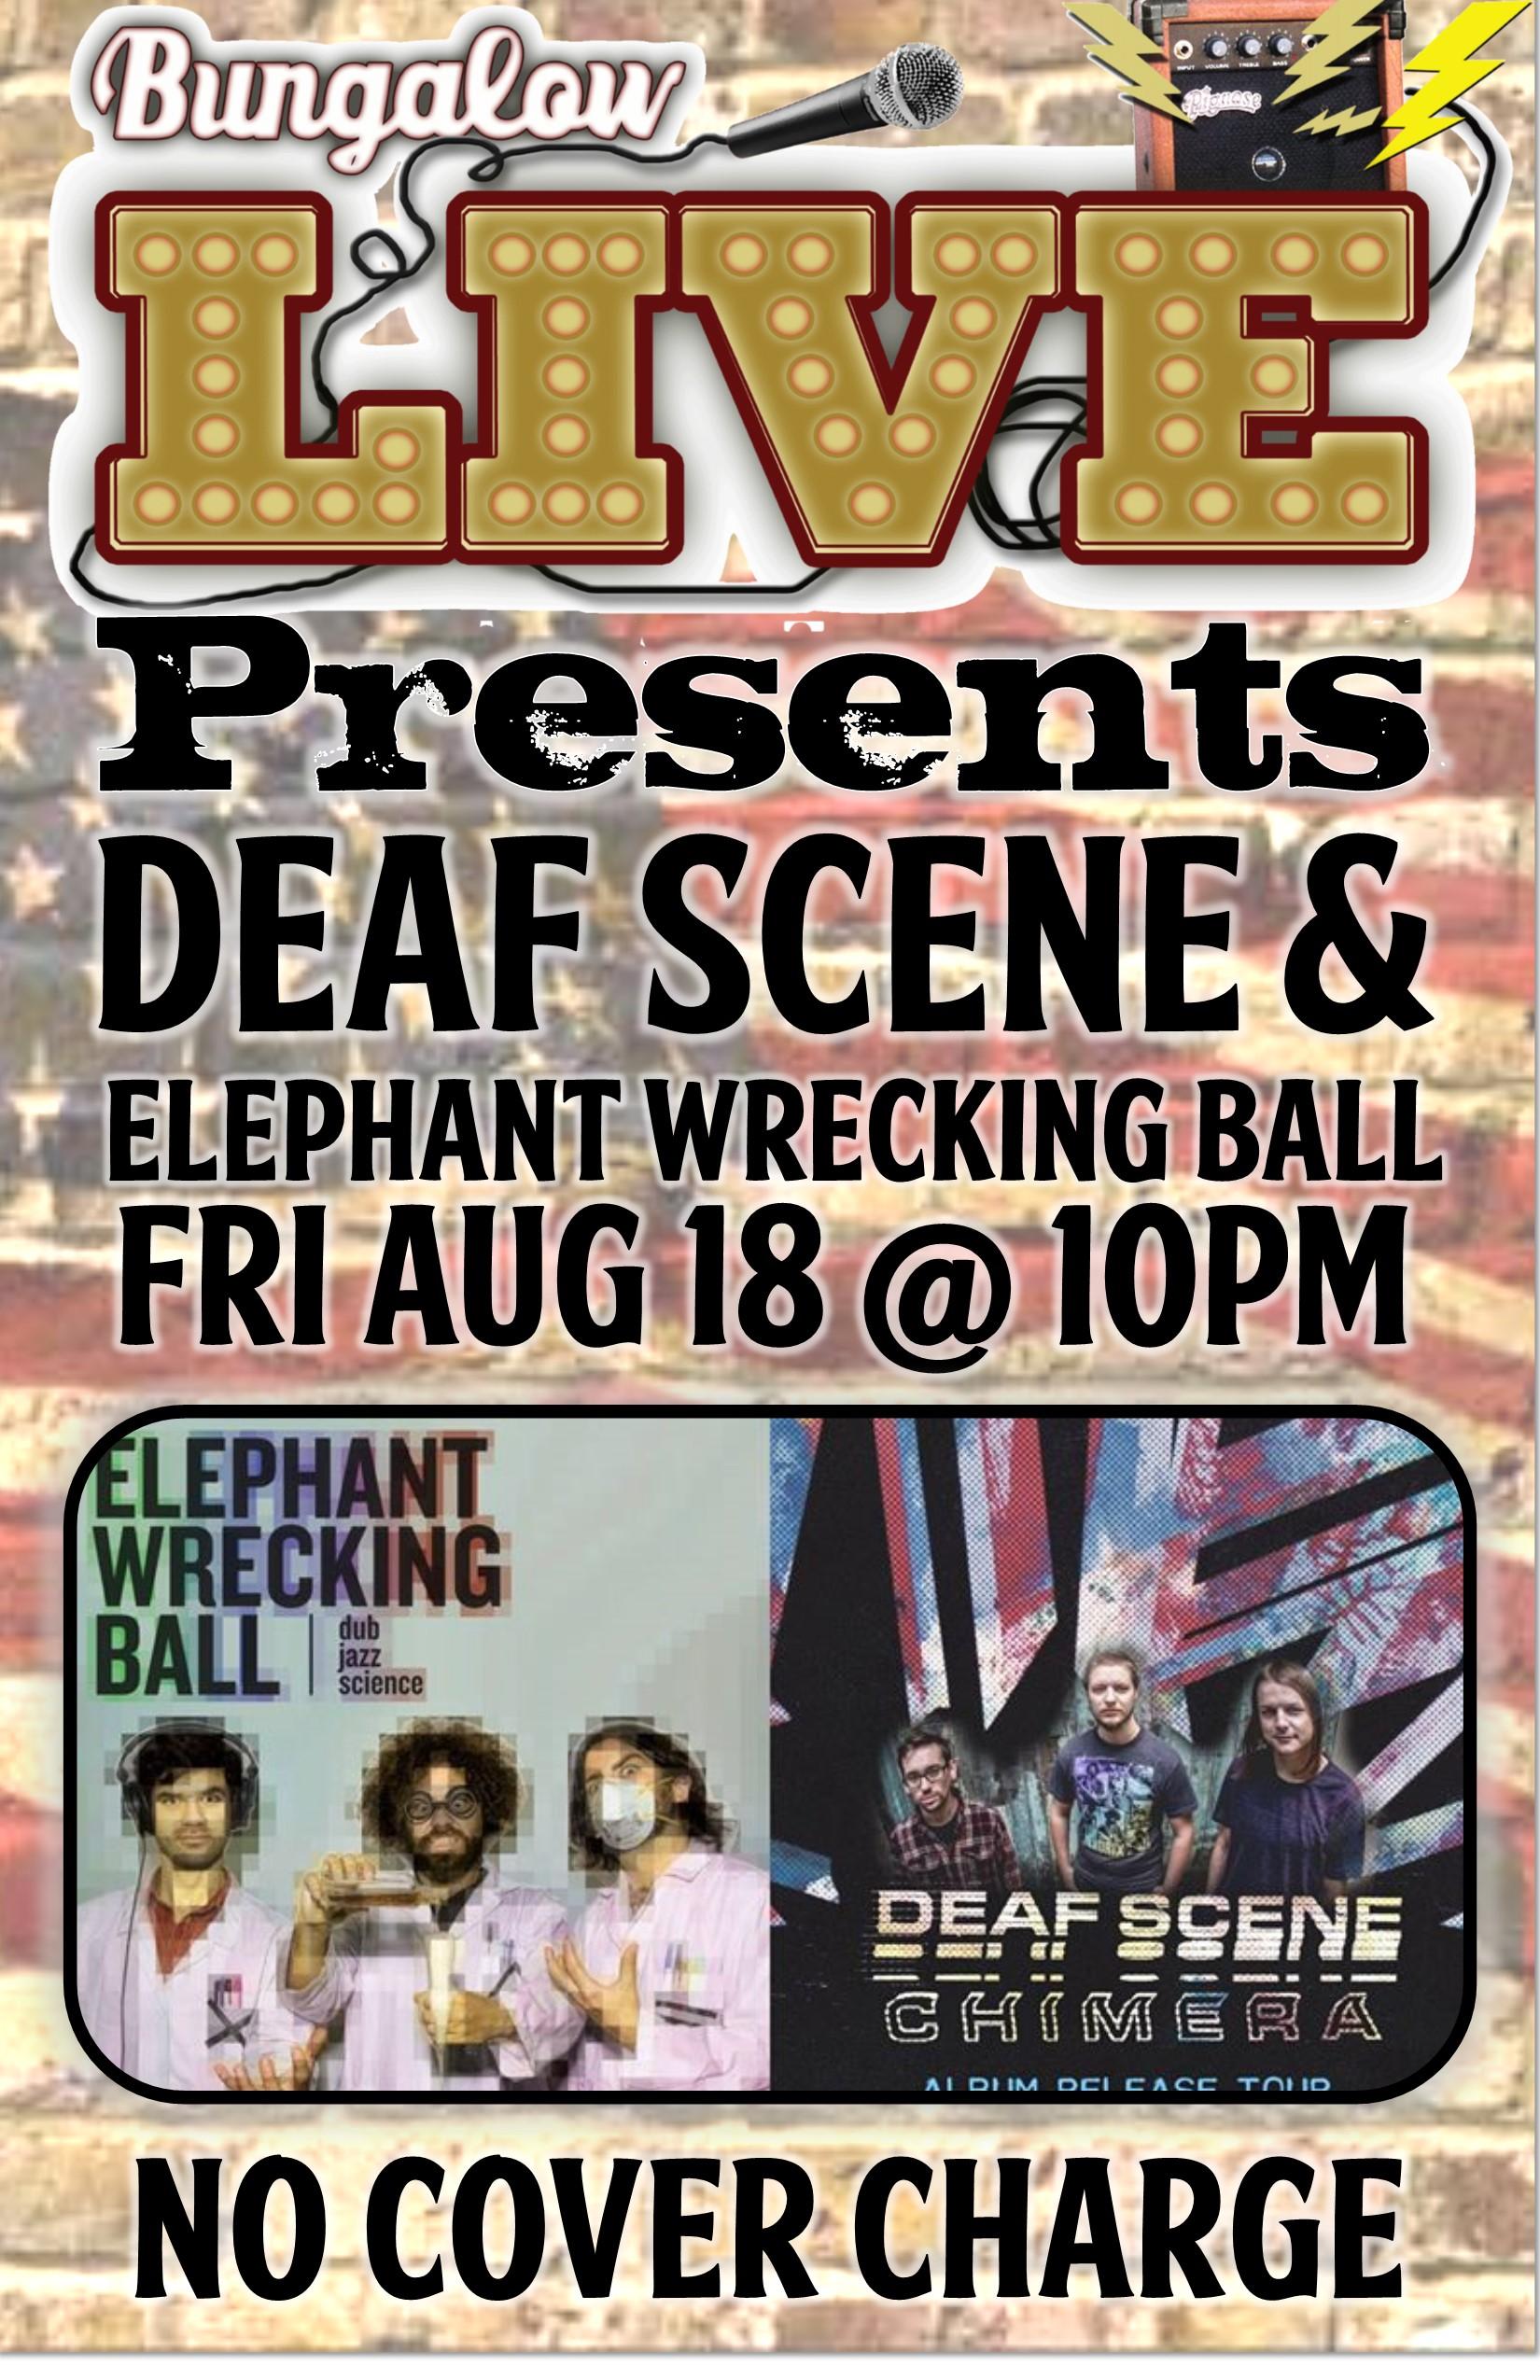 Deaf Scene